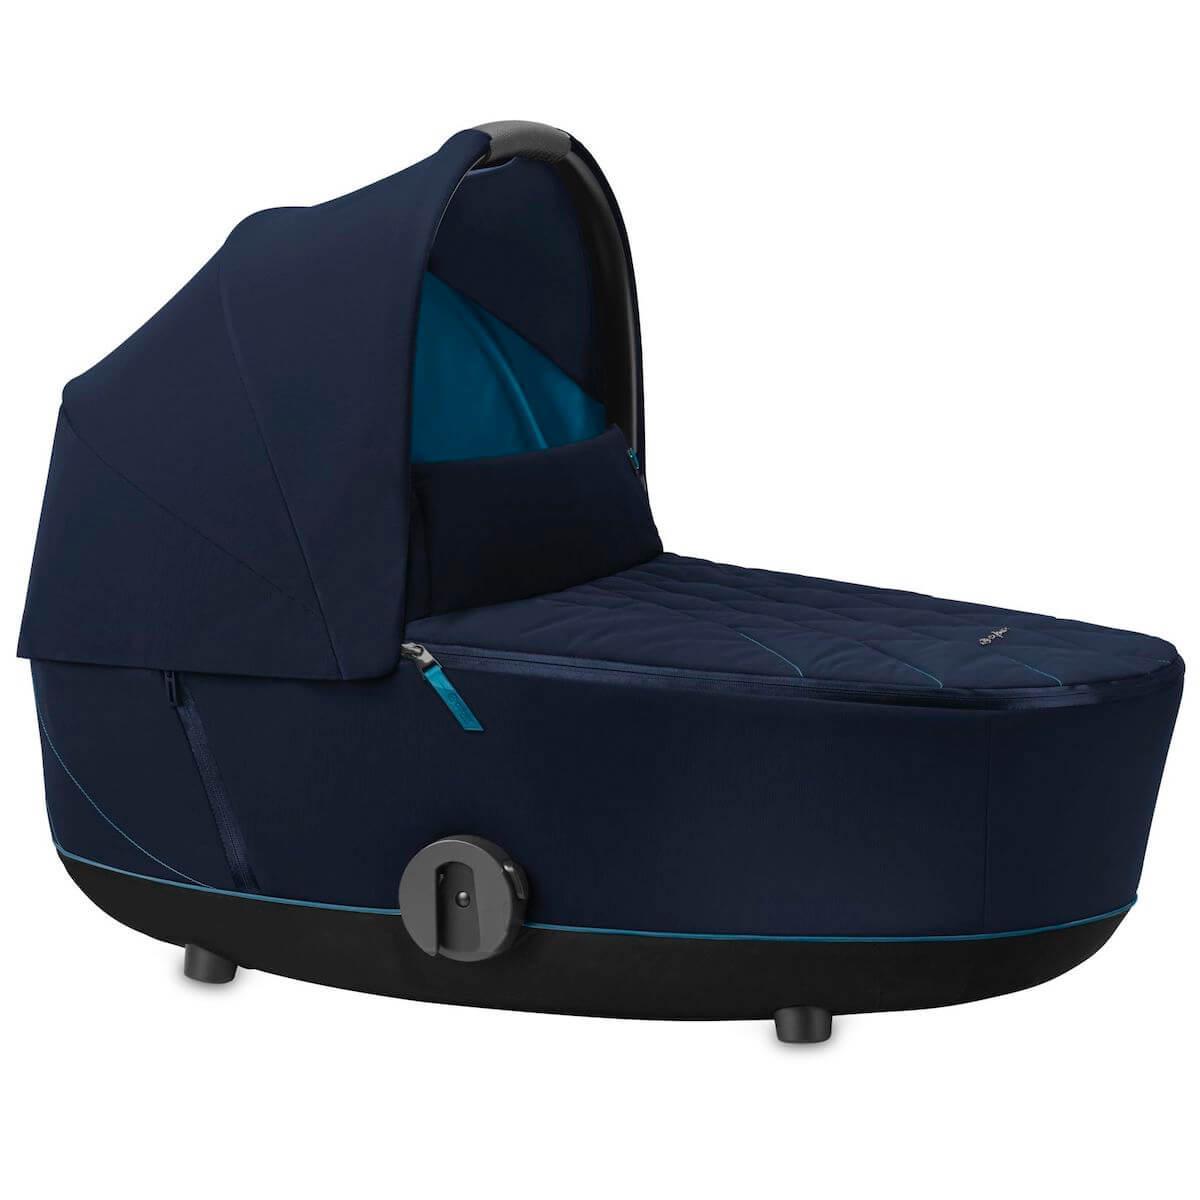 Capazo de luxe MIOS Cybex Nautical blue